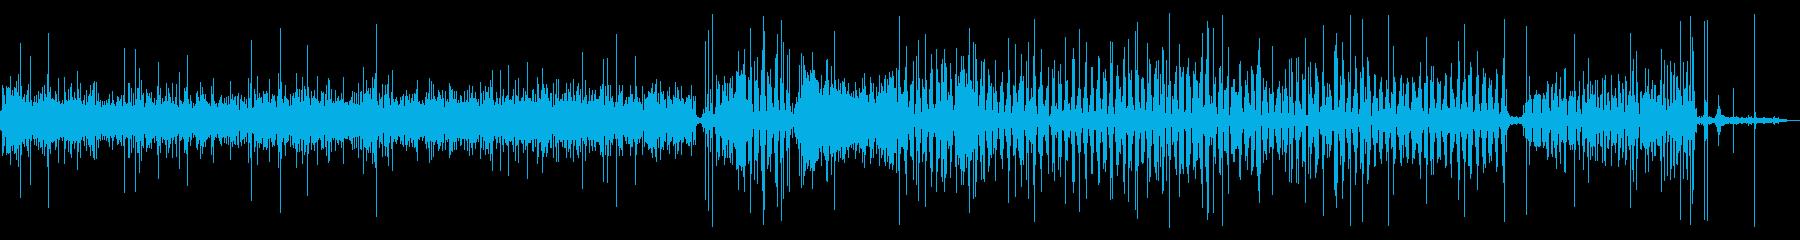 【生活音】洗濯機 (注水・すすぎ)の再生済みの波形